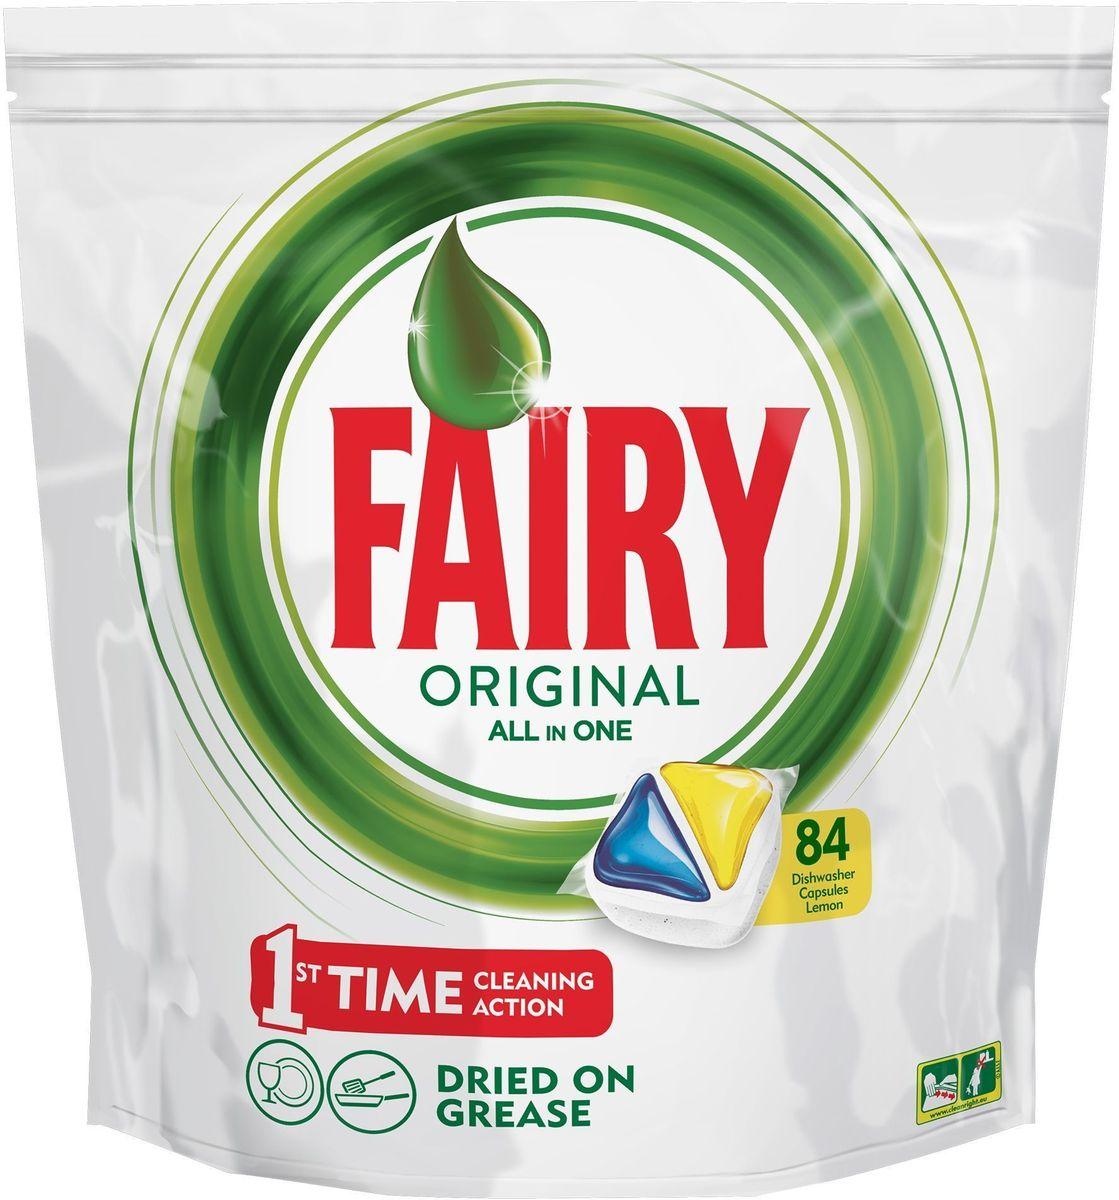 Капсулы для посудомоечной машины Fairy Original All In One, с лимоном, 84 шт6.295-875.0Капсулы для посудомоечной машины Fairy Original All In One идеально отмывают посуду со сложными загрязнениями с первого раза. Средство содержит гель и порошок в одной капсуле. Капсула растворяется гораздо быстрее, чем другие таблетки для посудомоечной машины, и поэтому начинает действовать немедленно. Кроме того, капсулы Fairy очень просты в использовании - просто поместите их в посудомоечную машину (не нужно распаковывать). Преимущества: - Средство справляется с засохшей пригоревшей грязью и чистит даже самые сложные загрязнения- С функцией супер сияния посуды - С добавлением соли и ополаскивателя - С защитой стекла и серебра - Сохраняет приятный запах в посудомоечной машине- С жидким моющим средством для борьбы со сложным жиром- Произведено и протестировано для использования во всех посудомоечных машинах- Готовы к использованию- Не нужно разворачивать - 1 капсула = 1 загрузкаПоместите капсулу в отсек для моющего средства и сразу закройте. Брать капсулу только сухими руками. Не разворачивайте и не прокалывайте капсулу. Закрывайте пакет после каждого использования.Товар сертифицирован.